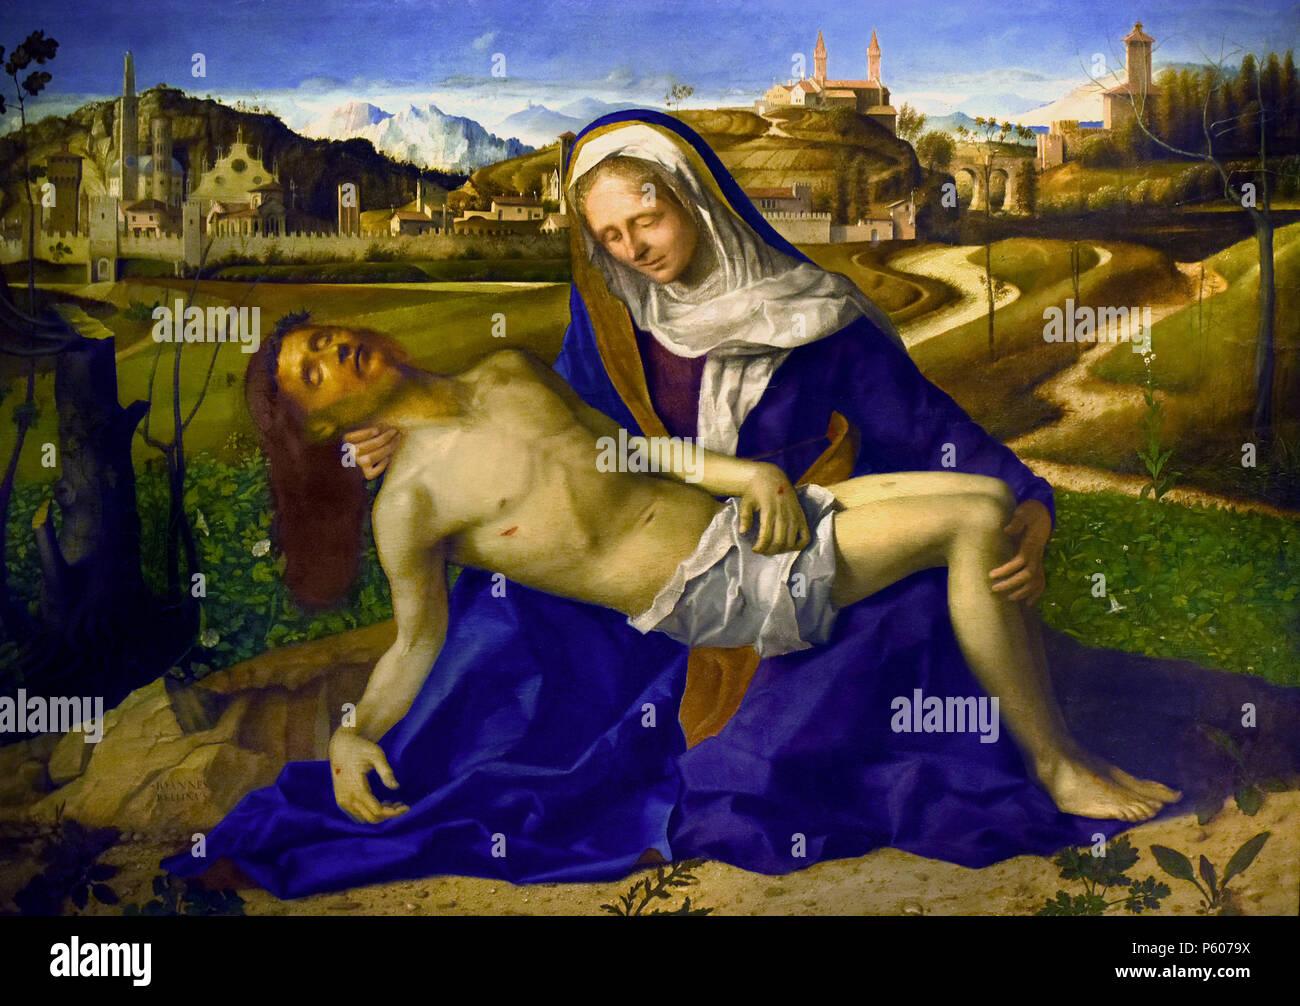 Peccato, Pietà di Giovanni Bellini Venezia 1434/1439 - 1516, l'Italia, ITALIANO, Immagini Stock